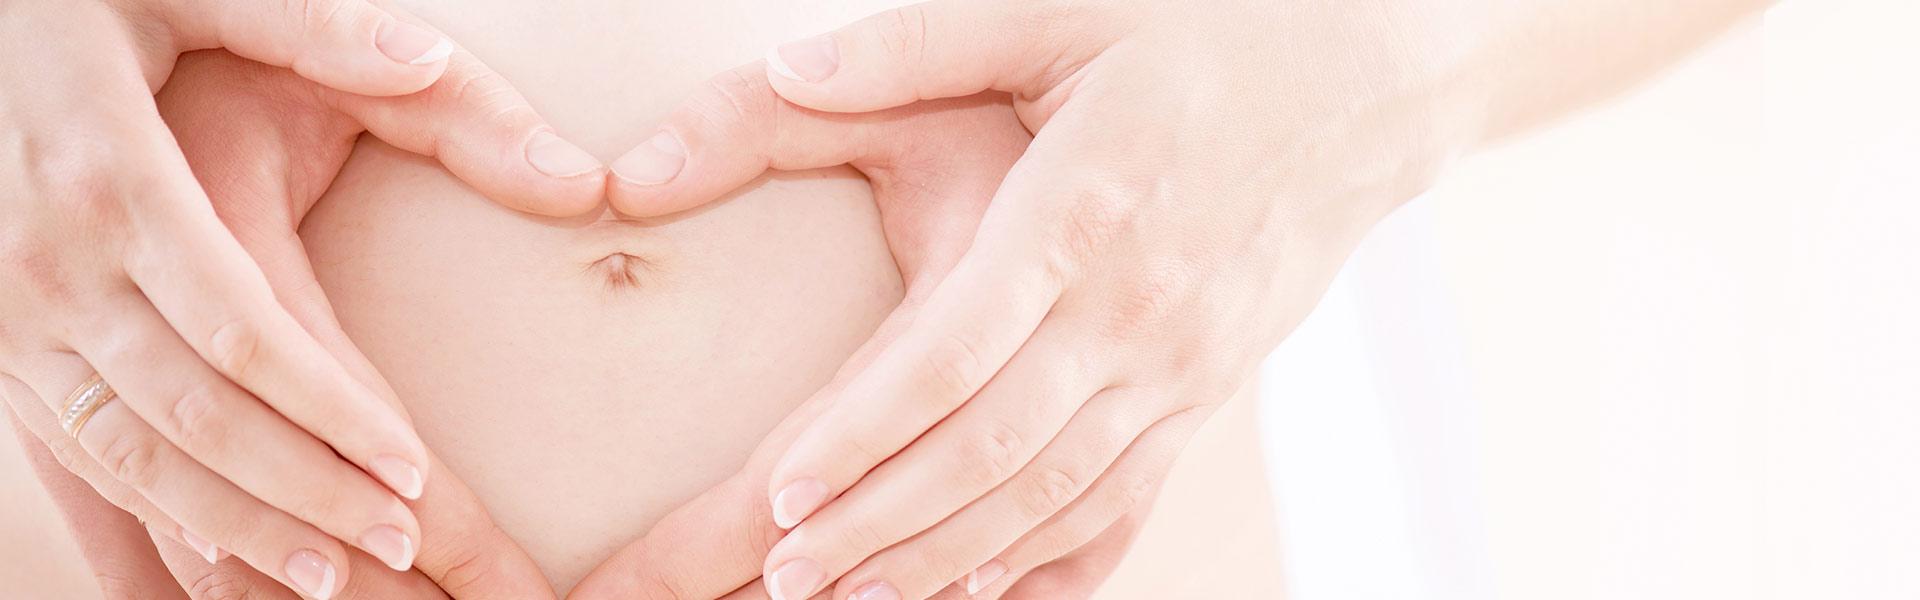 Σπερματέγχυση Fertilia by Genesis Θεσσαλονίκη Intrauterine insemination